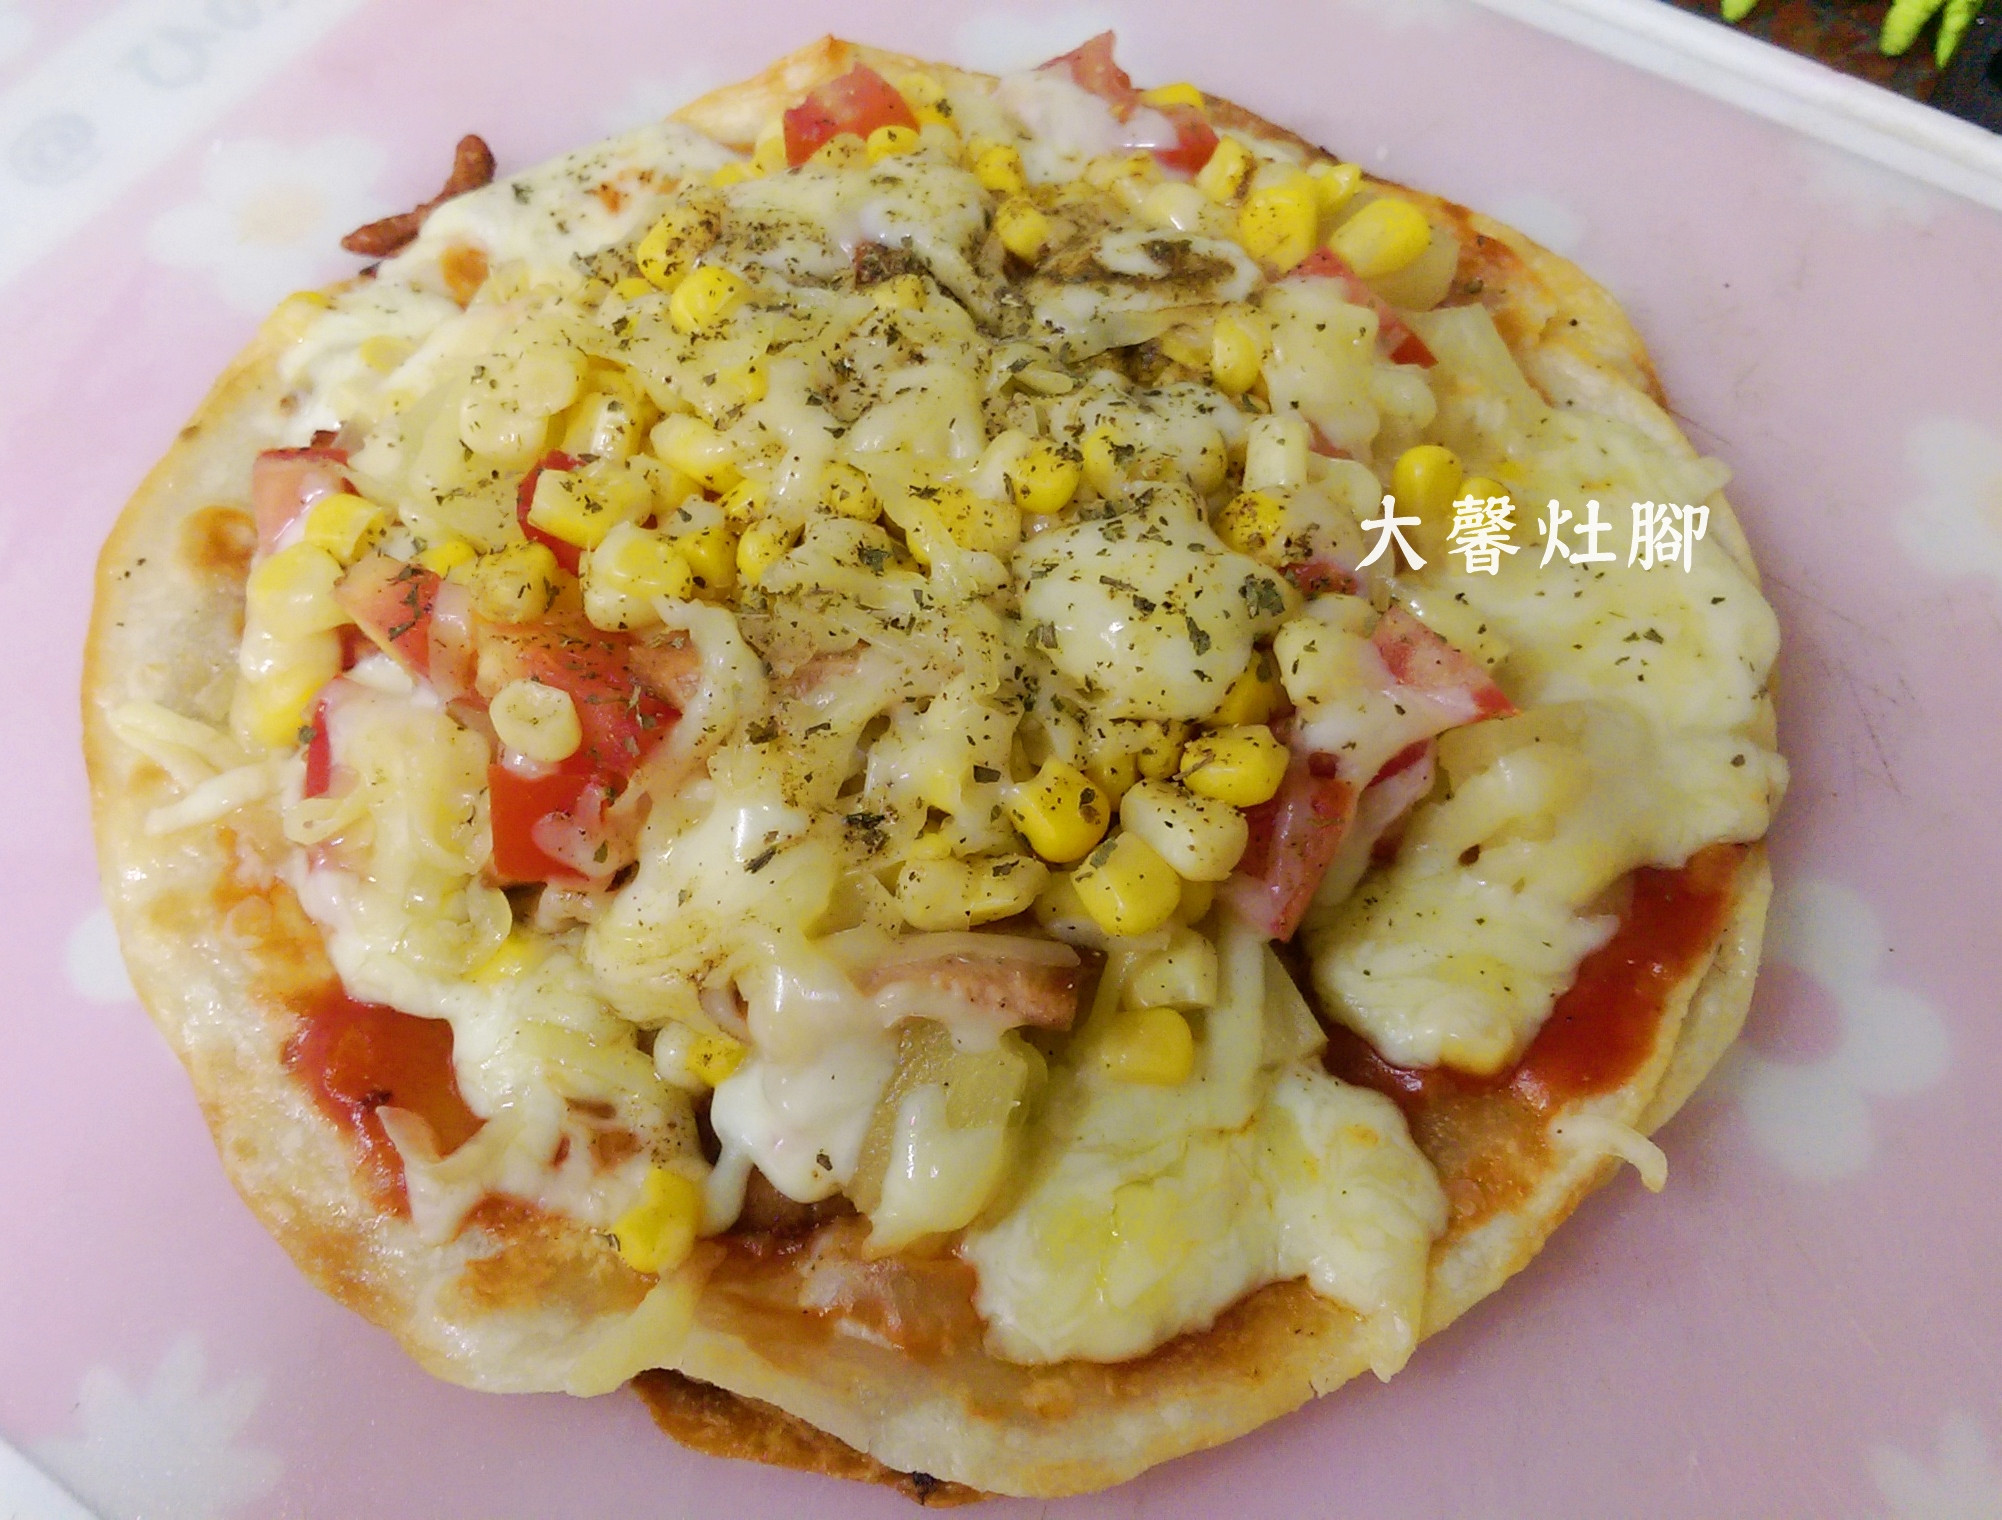 [平底鍋料理] 脆皮總匯蛋餅 pizza